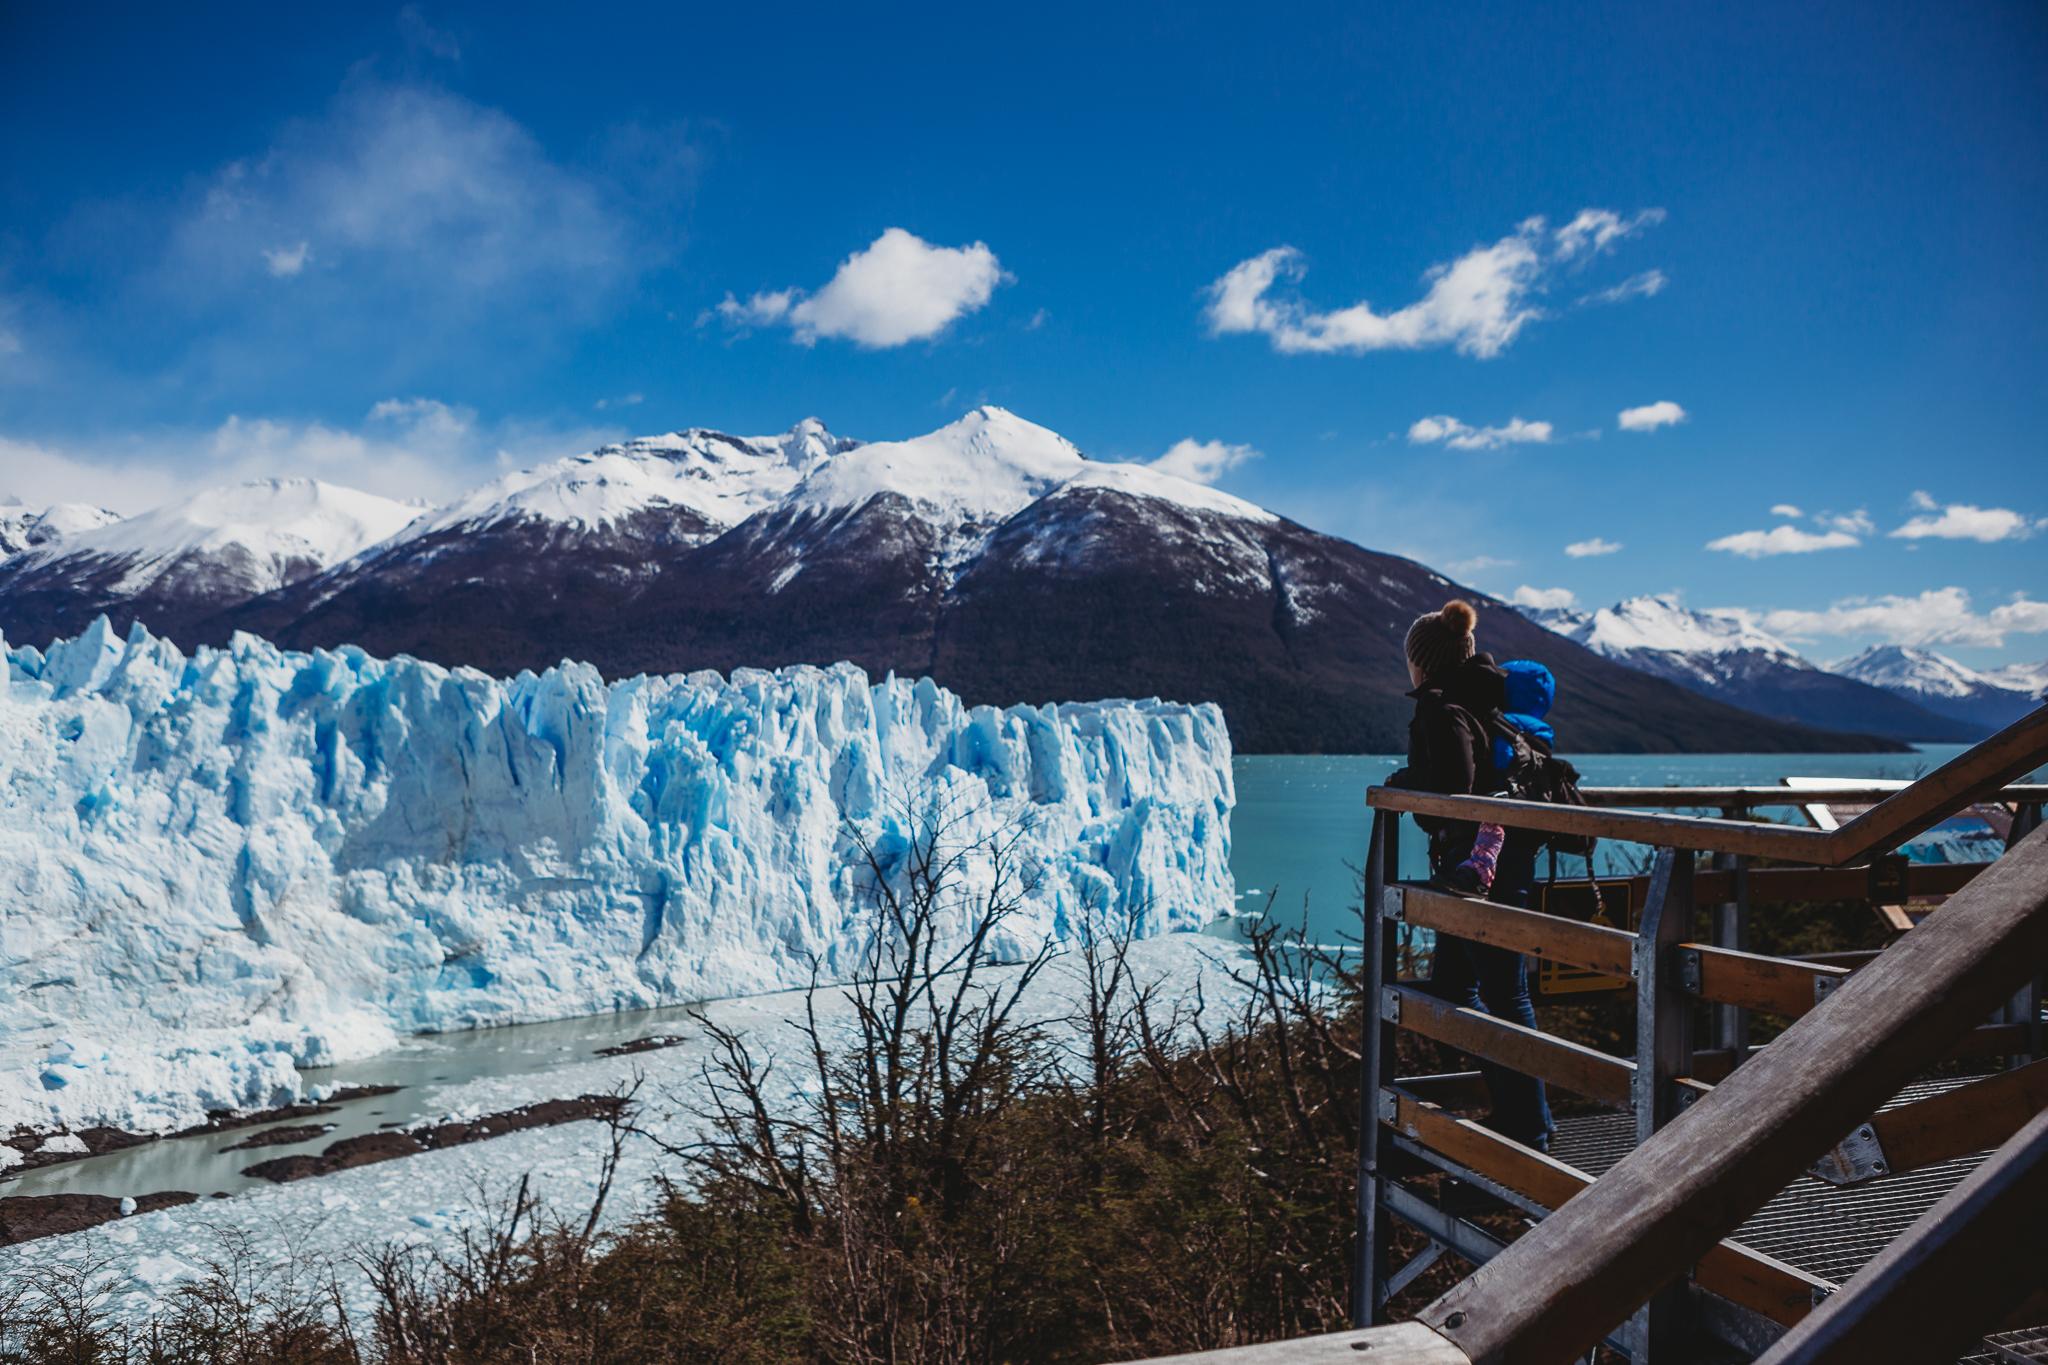 El Calafate, El Chalten, Perito Moreno, Parque Nacional Los Glaciares, Argentina, Buenos Aires-22.jpg